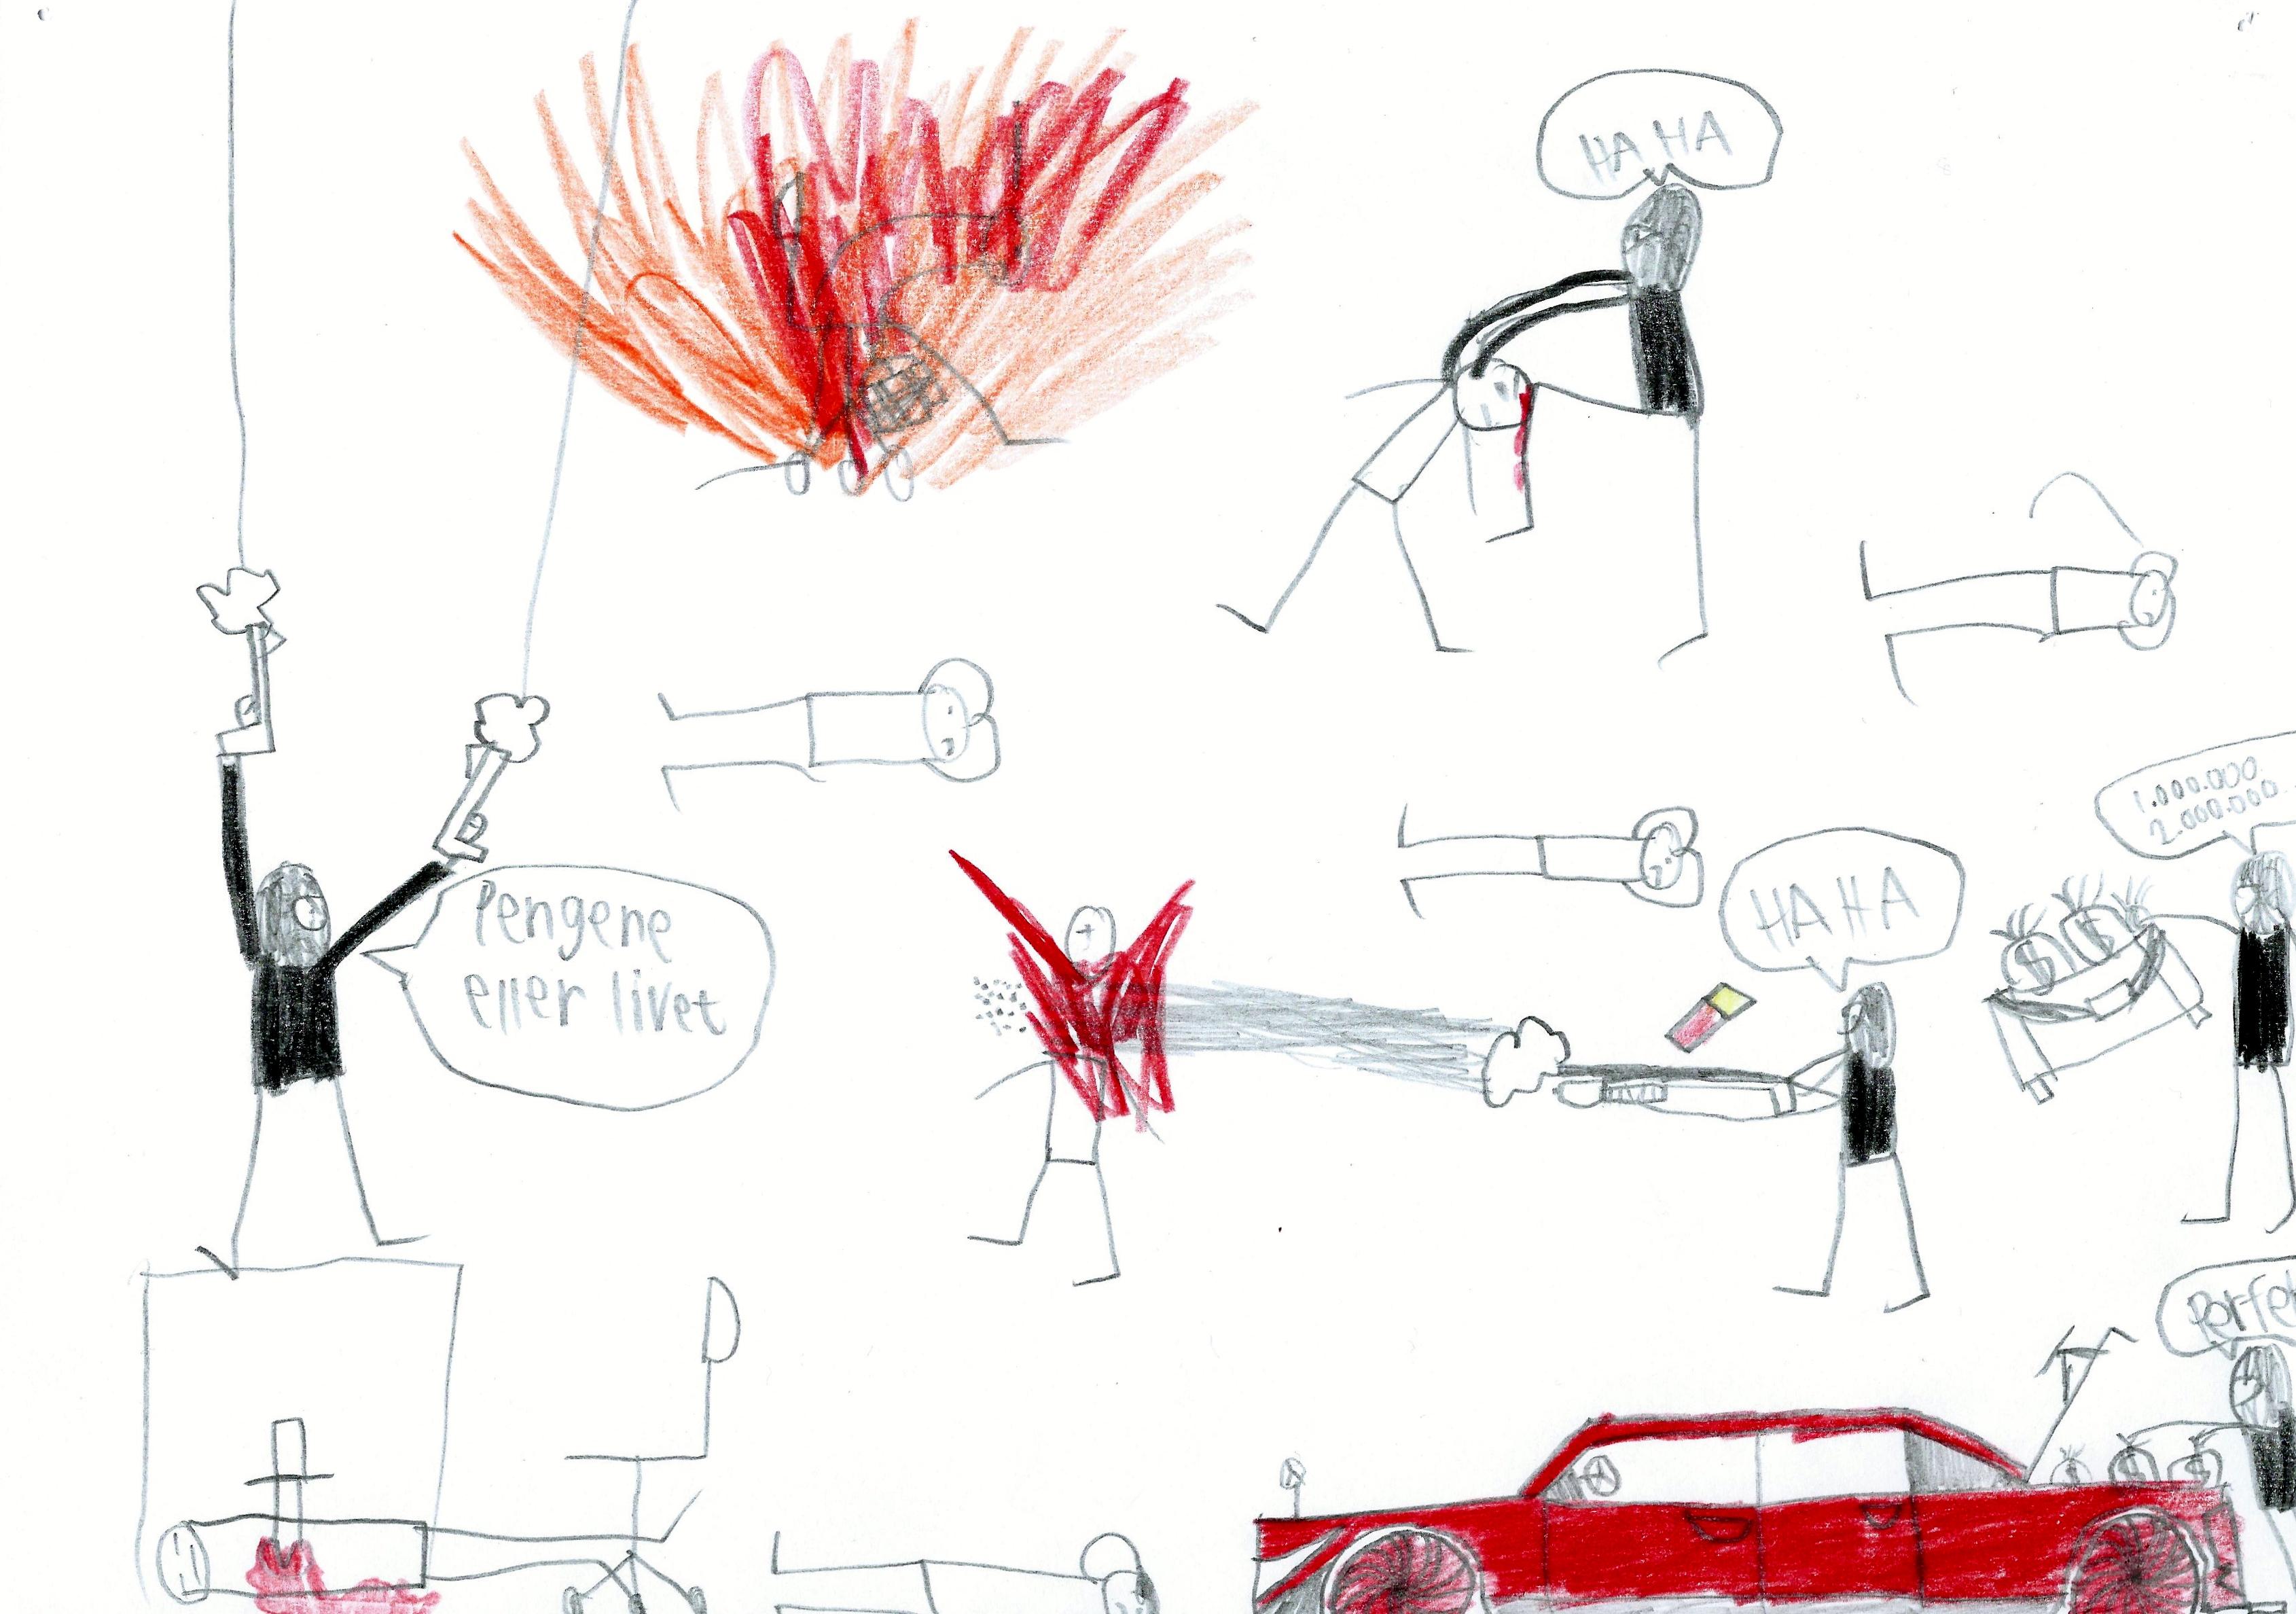 Medierne elsker vold. Og de fleste af os elsker lidt rask vold og selvtægt på film. Hvem gider se en film, der begynder, hvor eventyret slutter. Her er det Ruben, der har ladet sig inspirere af mercedesbanden fra Luc Bessons film Taxi fra 1998.